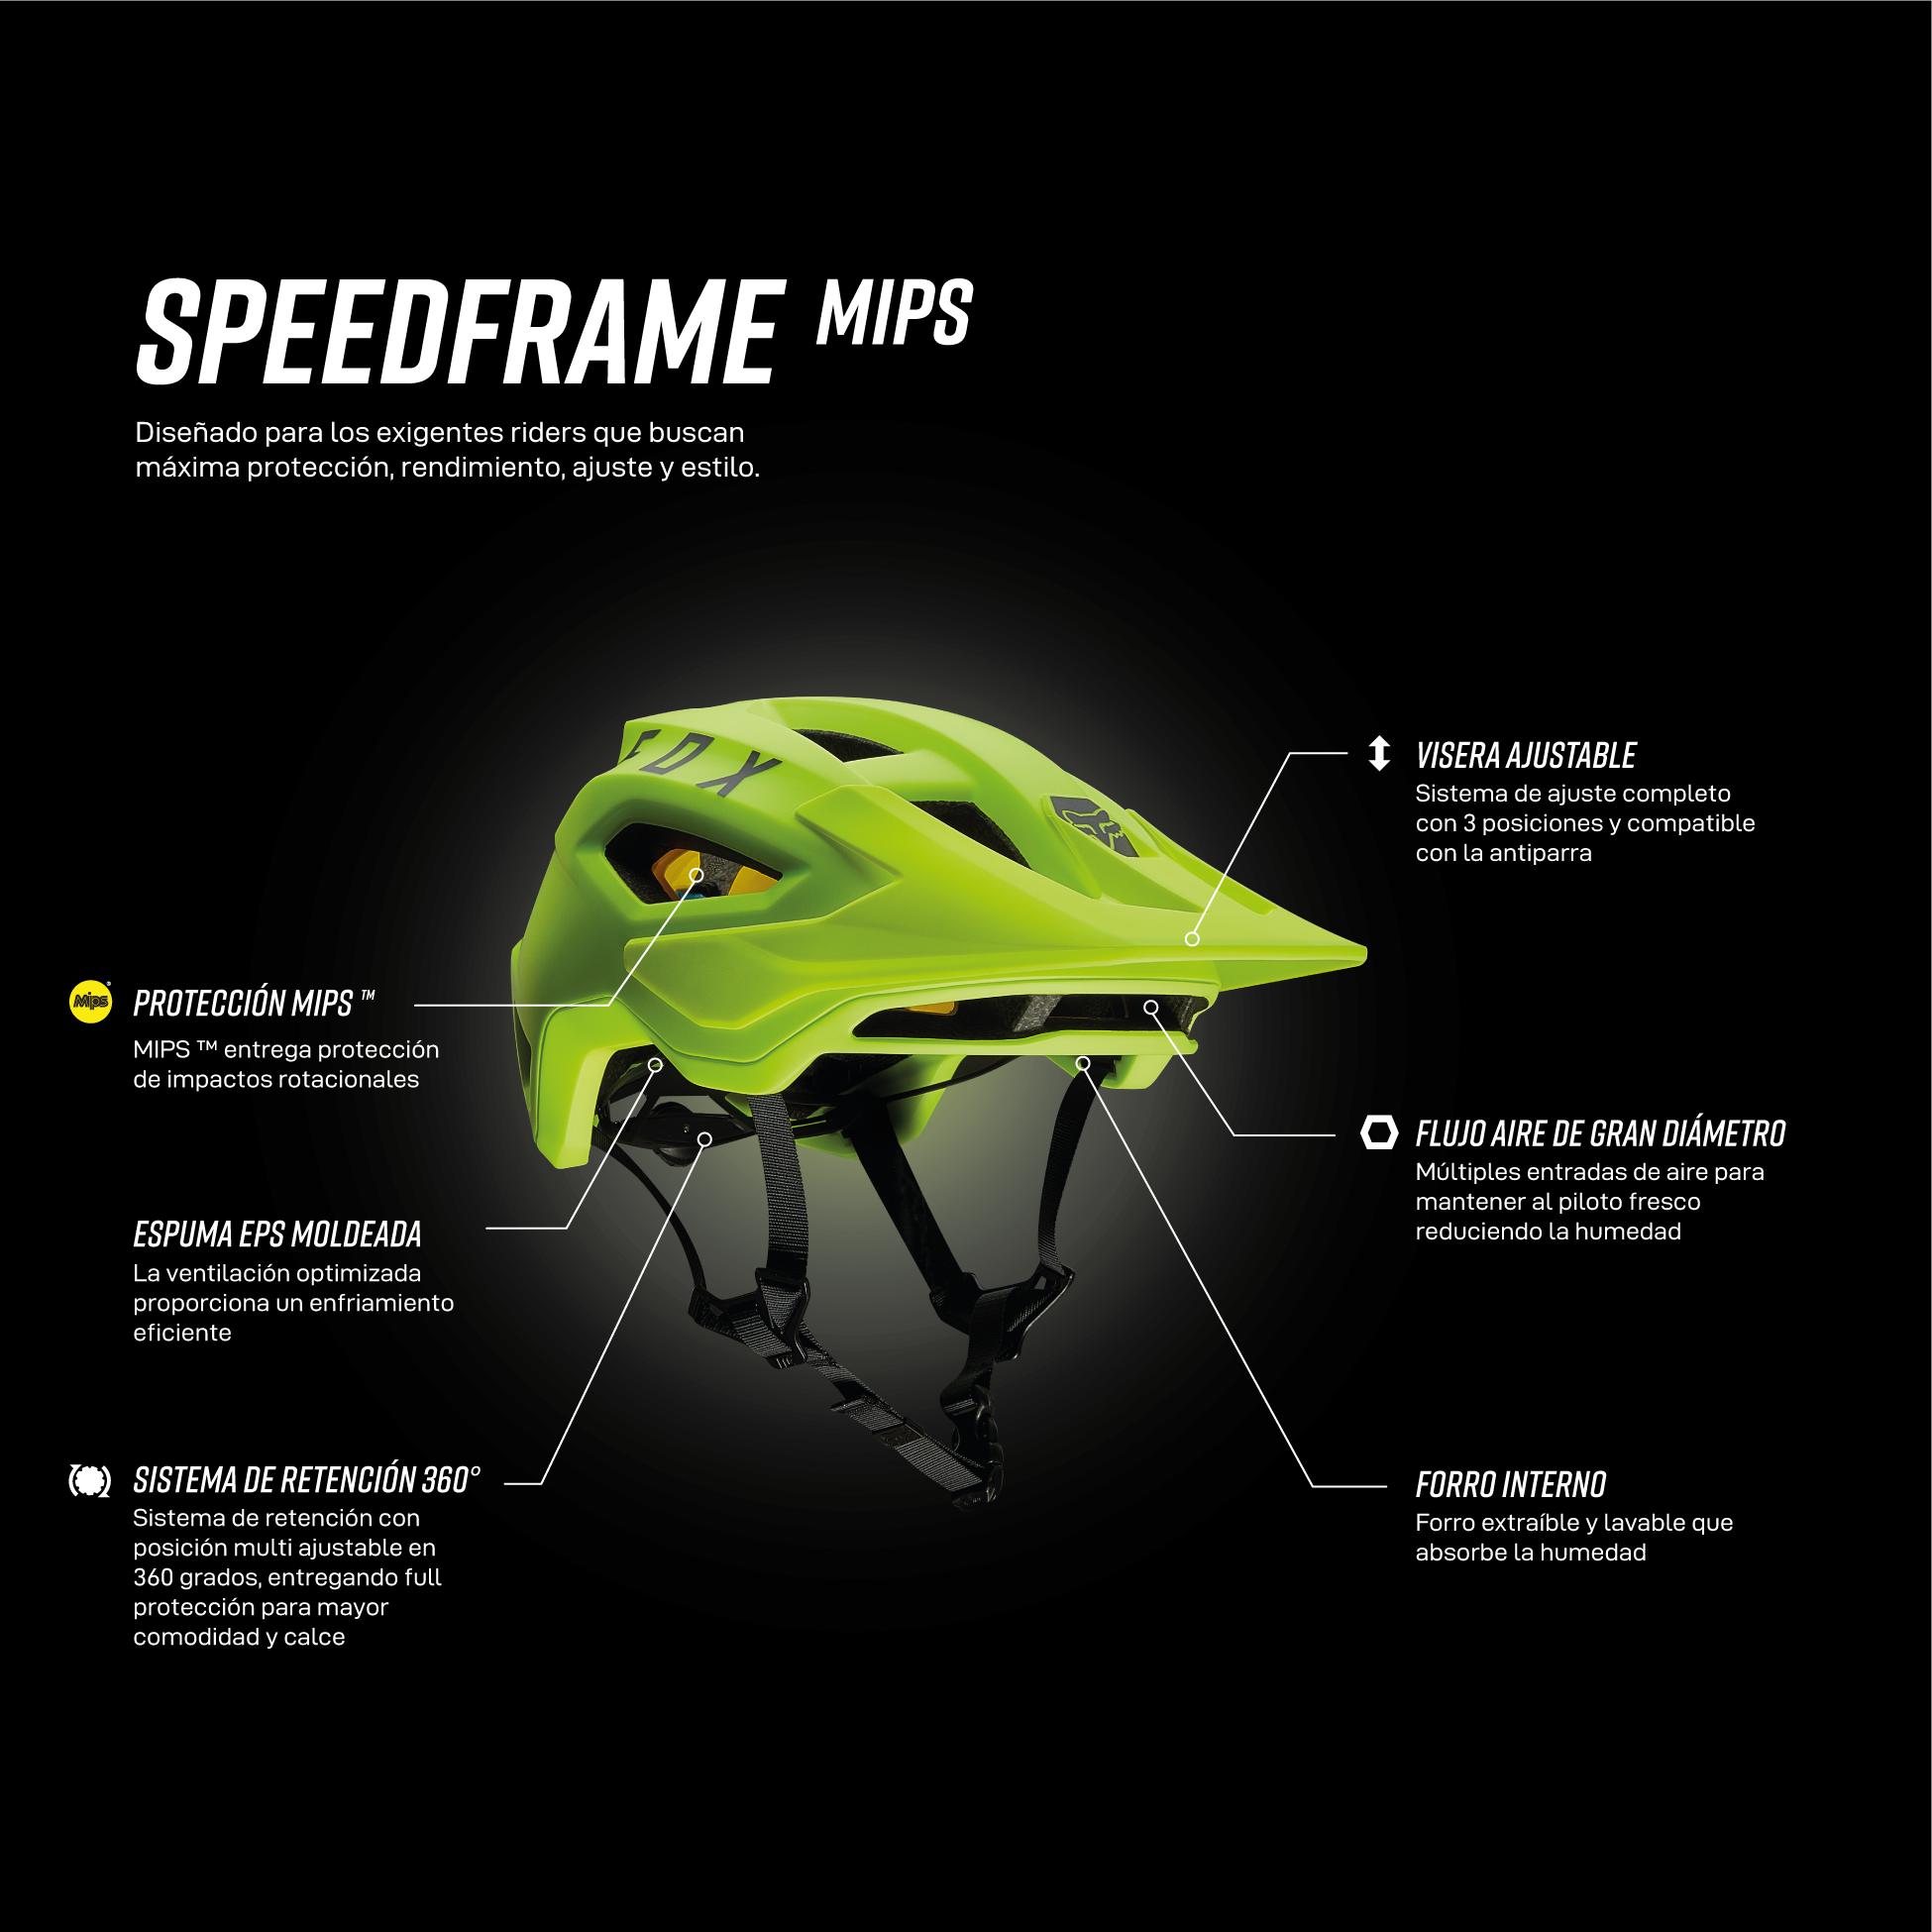 Speedframe-Mips-Amarillo-Fluor